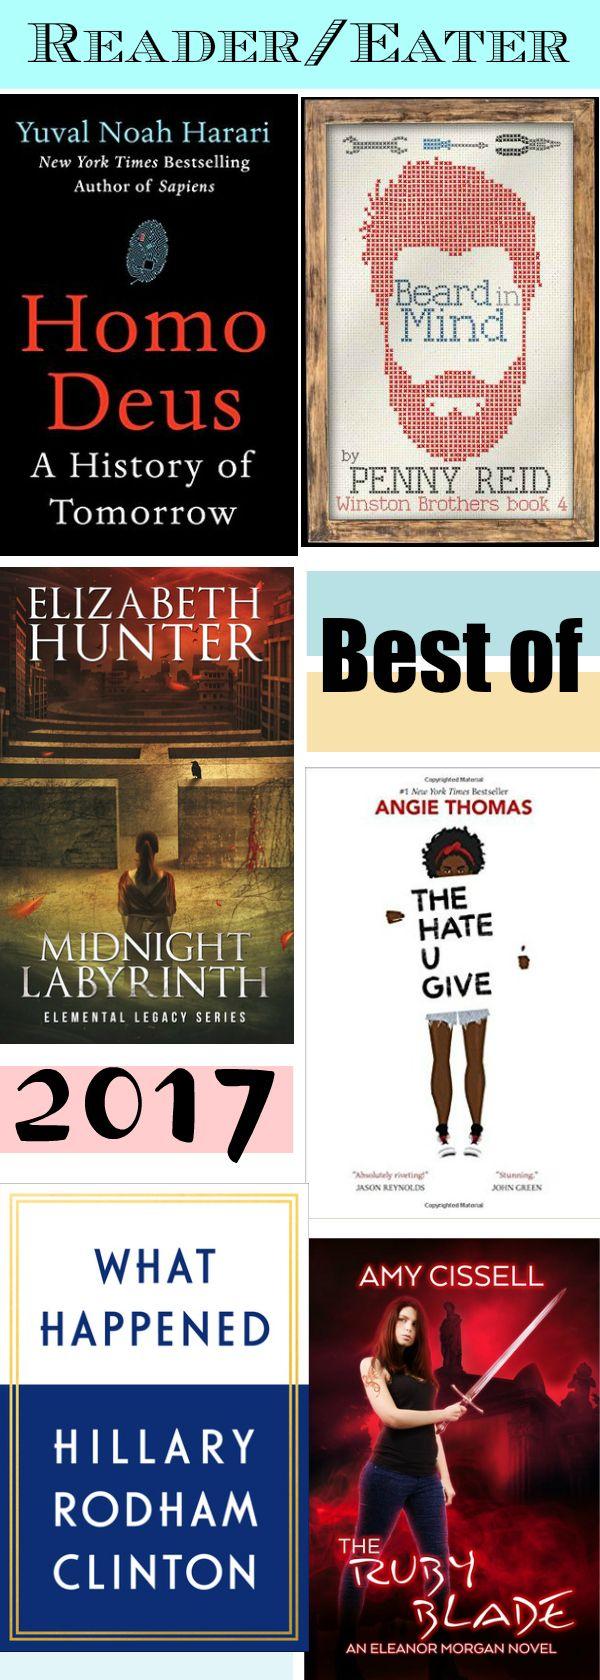 Reader/Eater's Best Books of 2017